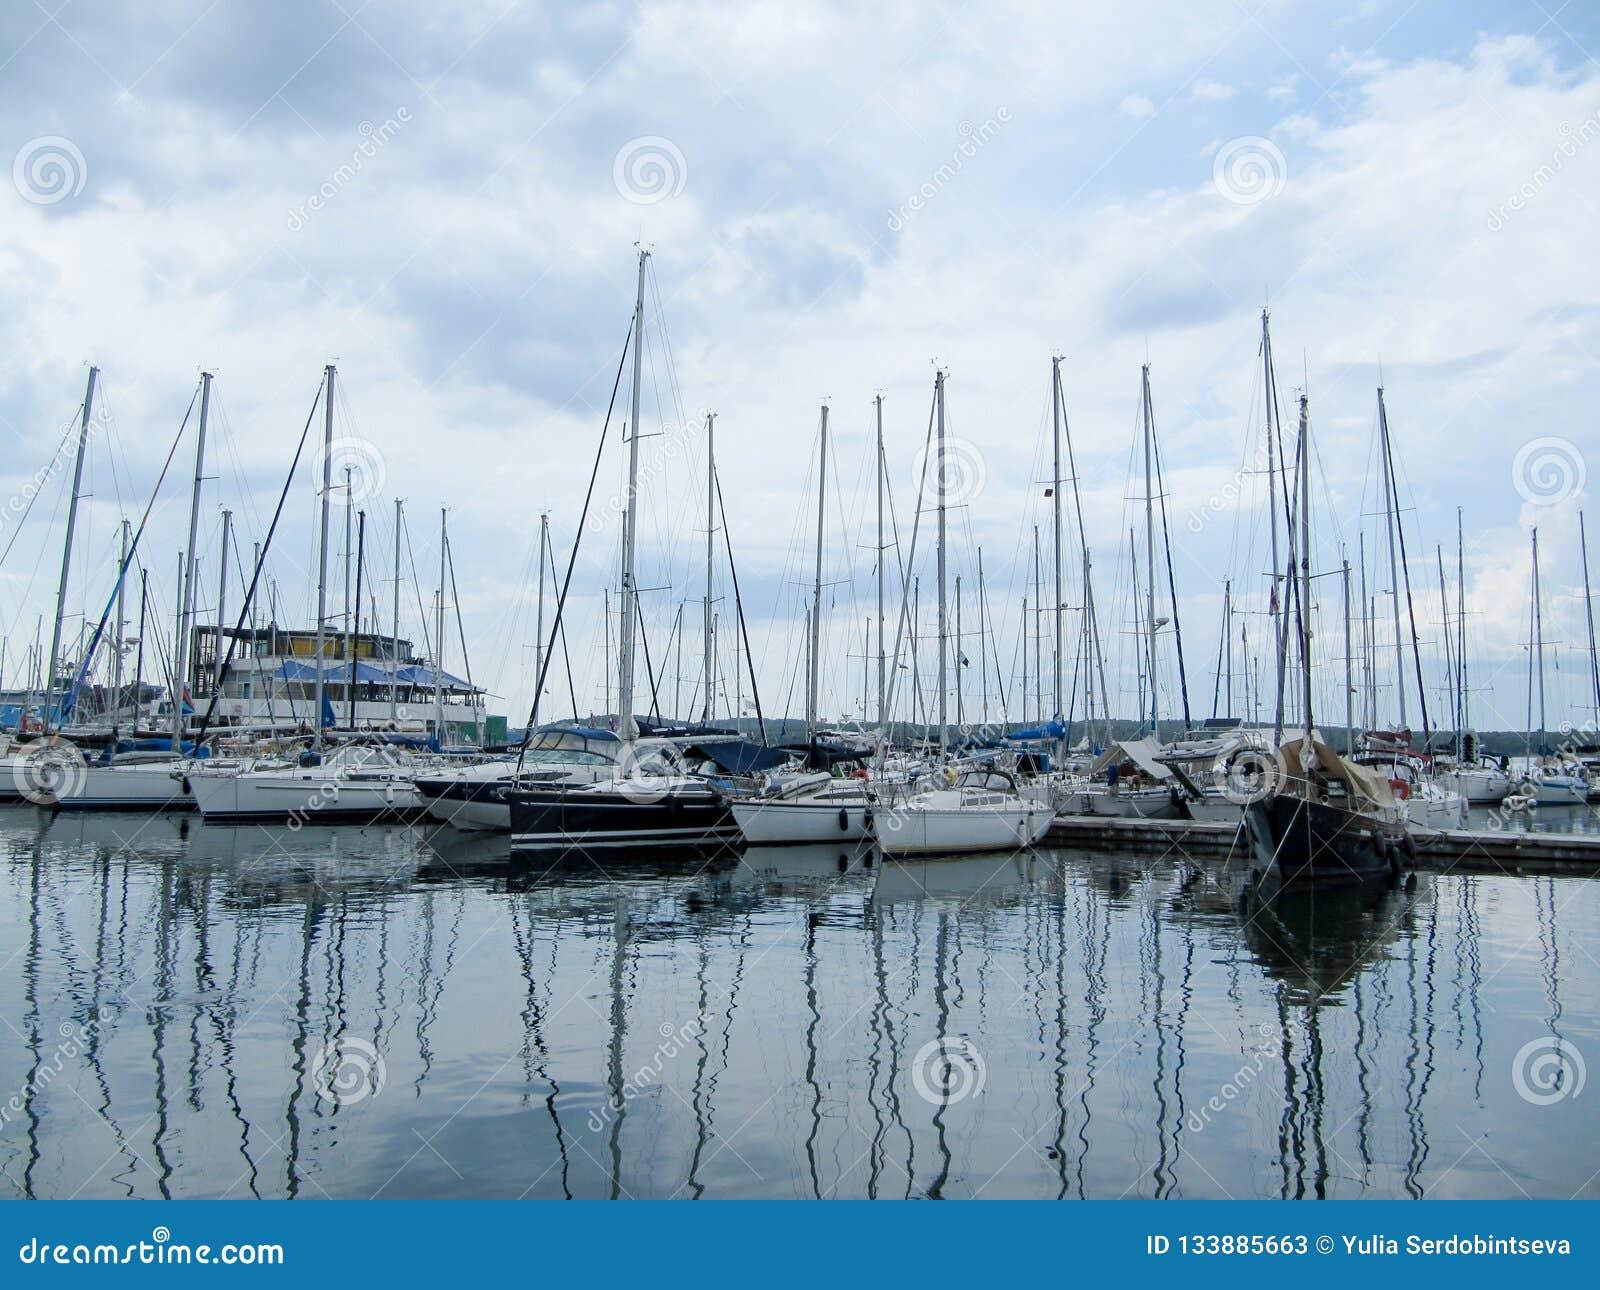 Navegando los yates se colocan con las velas bajadas en un pequeño puerto en un día nublado